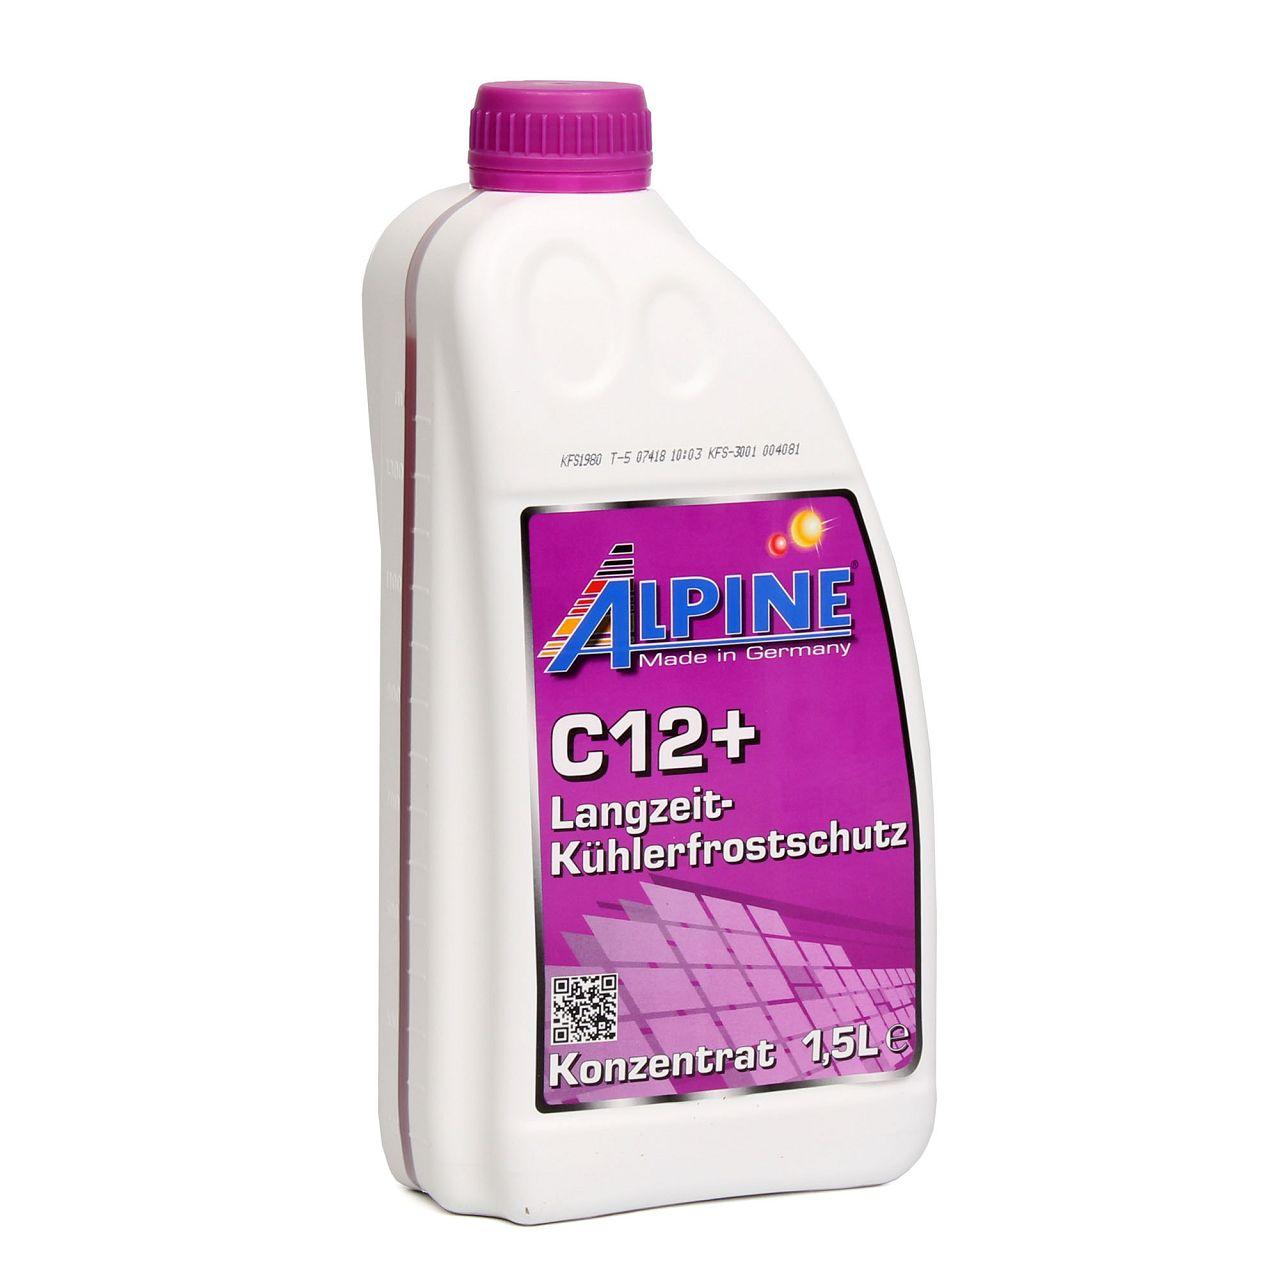 ALPINE Frostschutz LANGZEIT Kühlerfrostschutz Konzentrat C12+ G12+ 1,5L VIOLETT